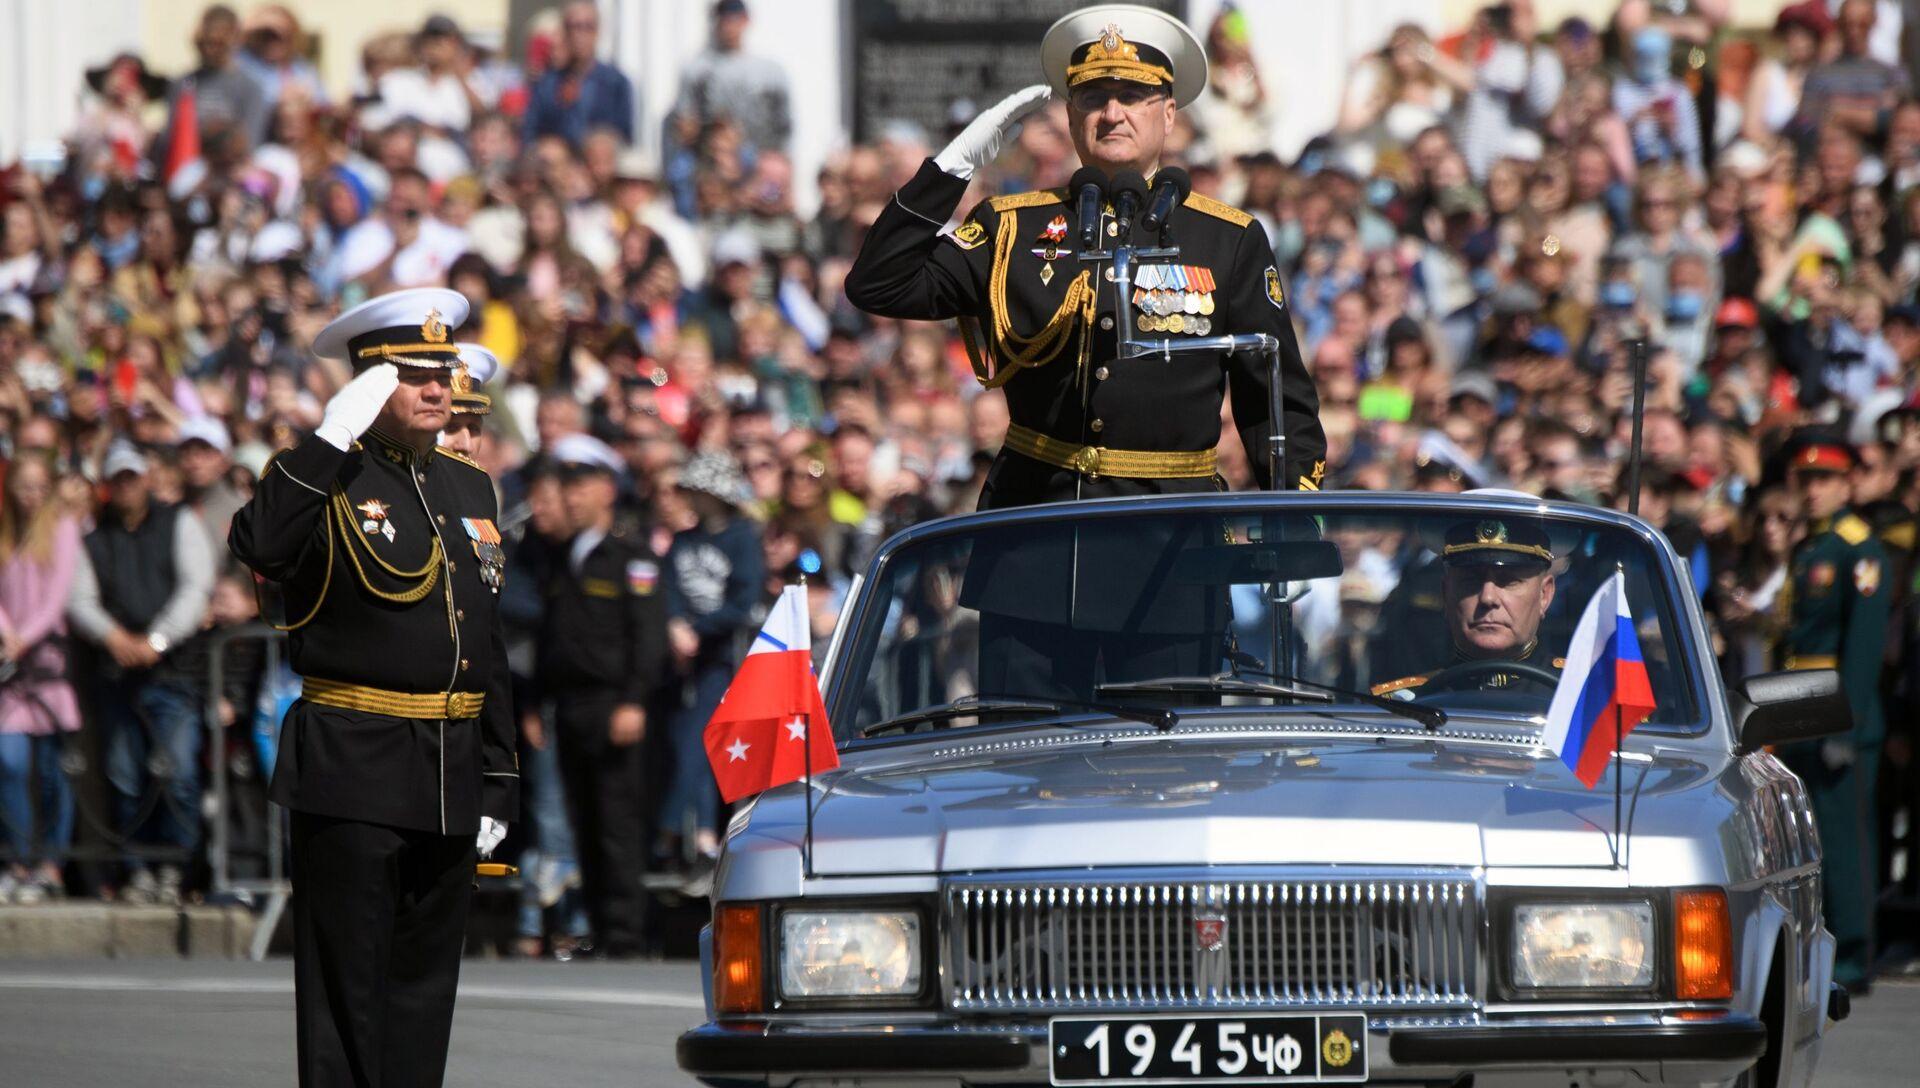 Военный парад в городах России, посвящённый 76-й годовщине Победы - РИА Новости, 1920, 09.05.2021